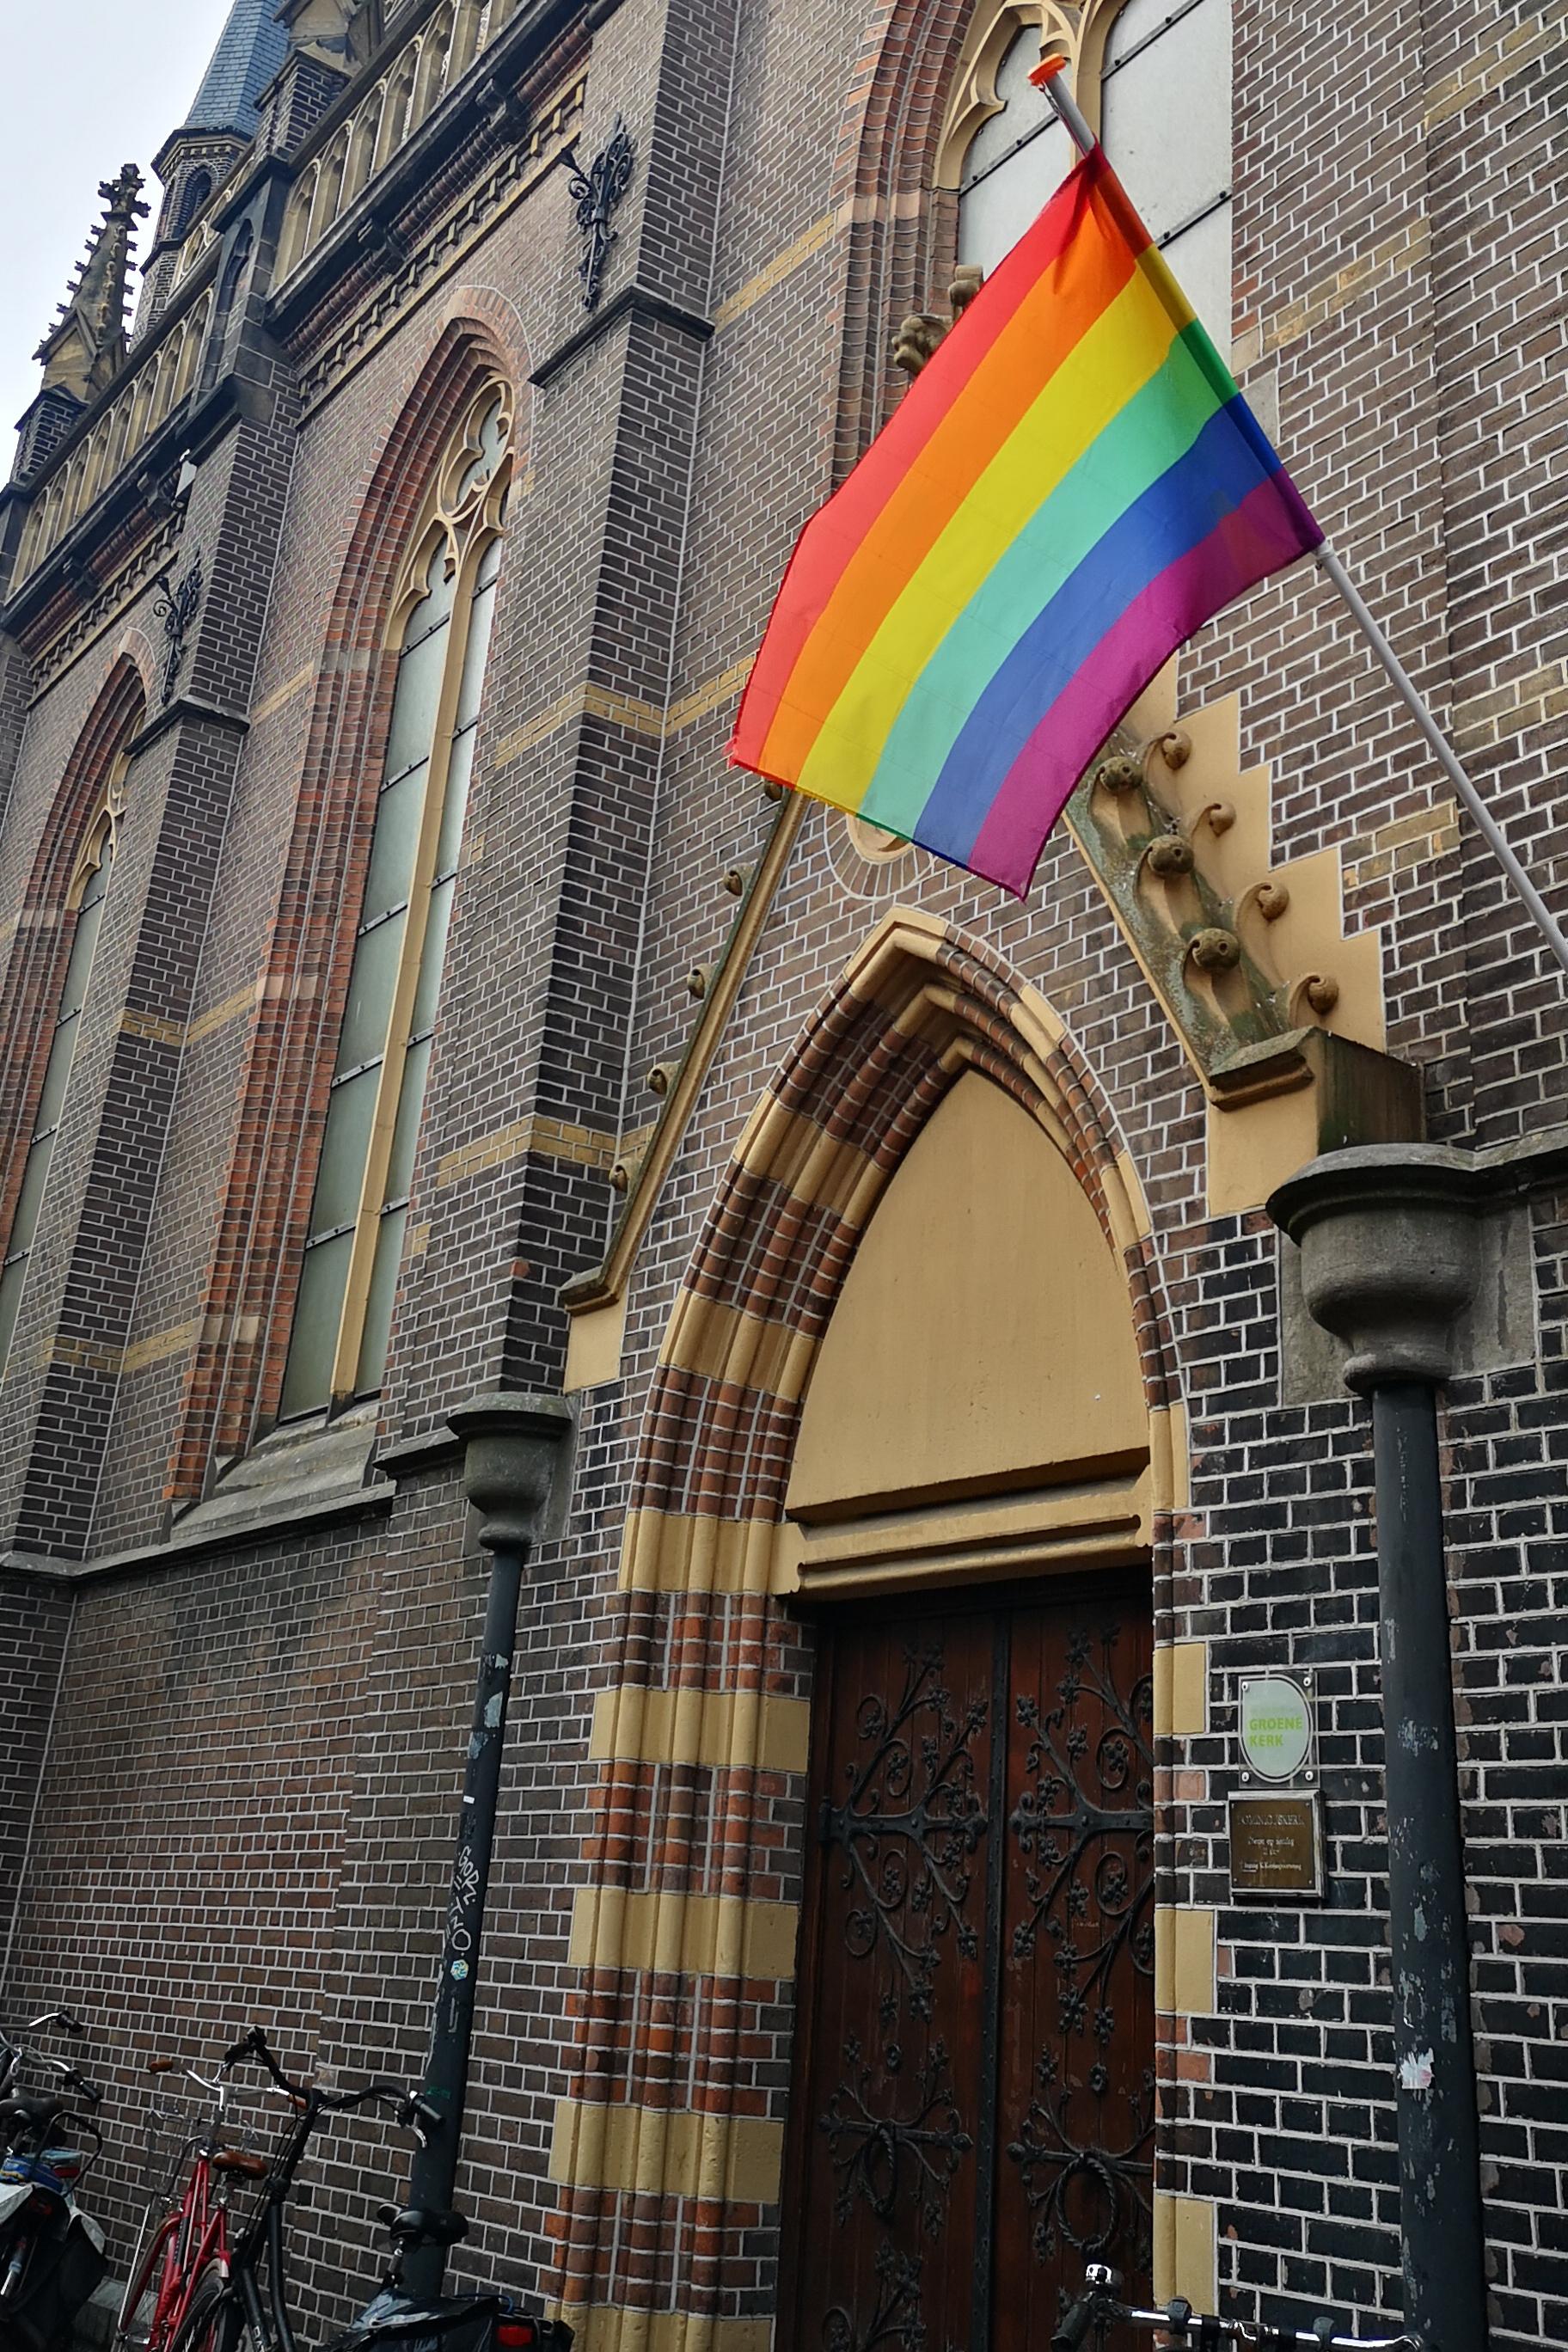 Все за равенство, даже католическая церь